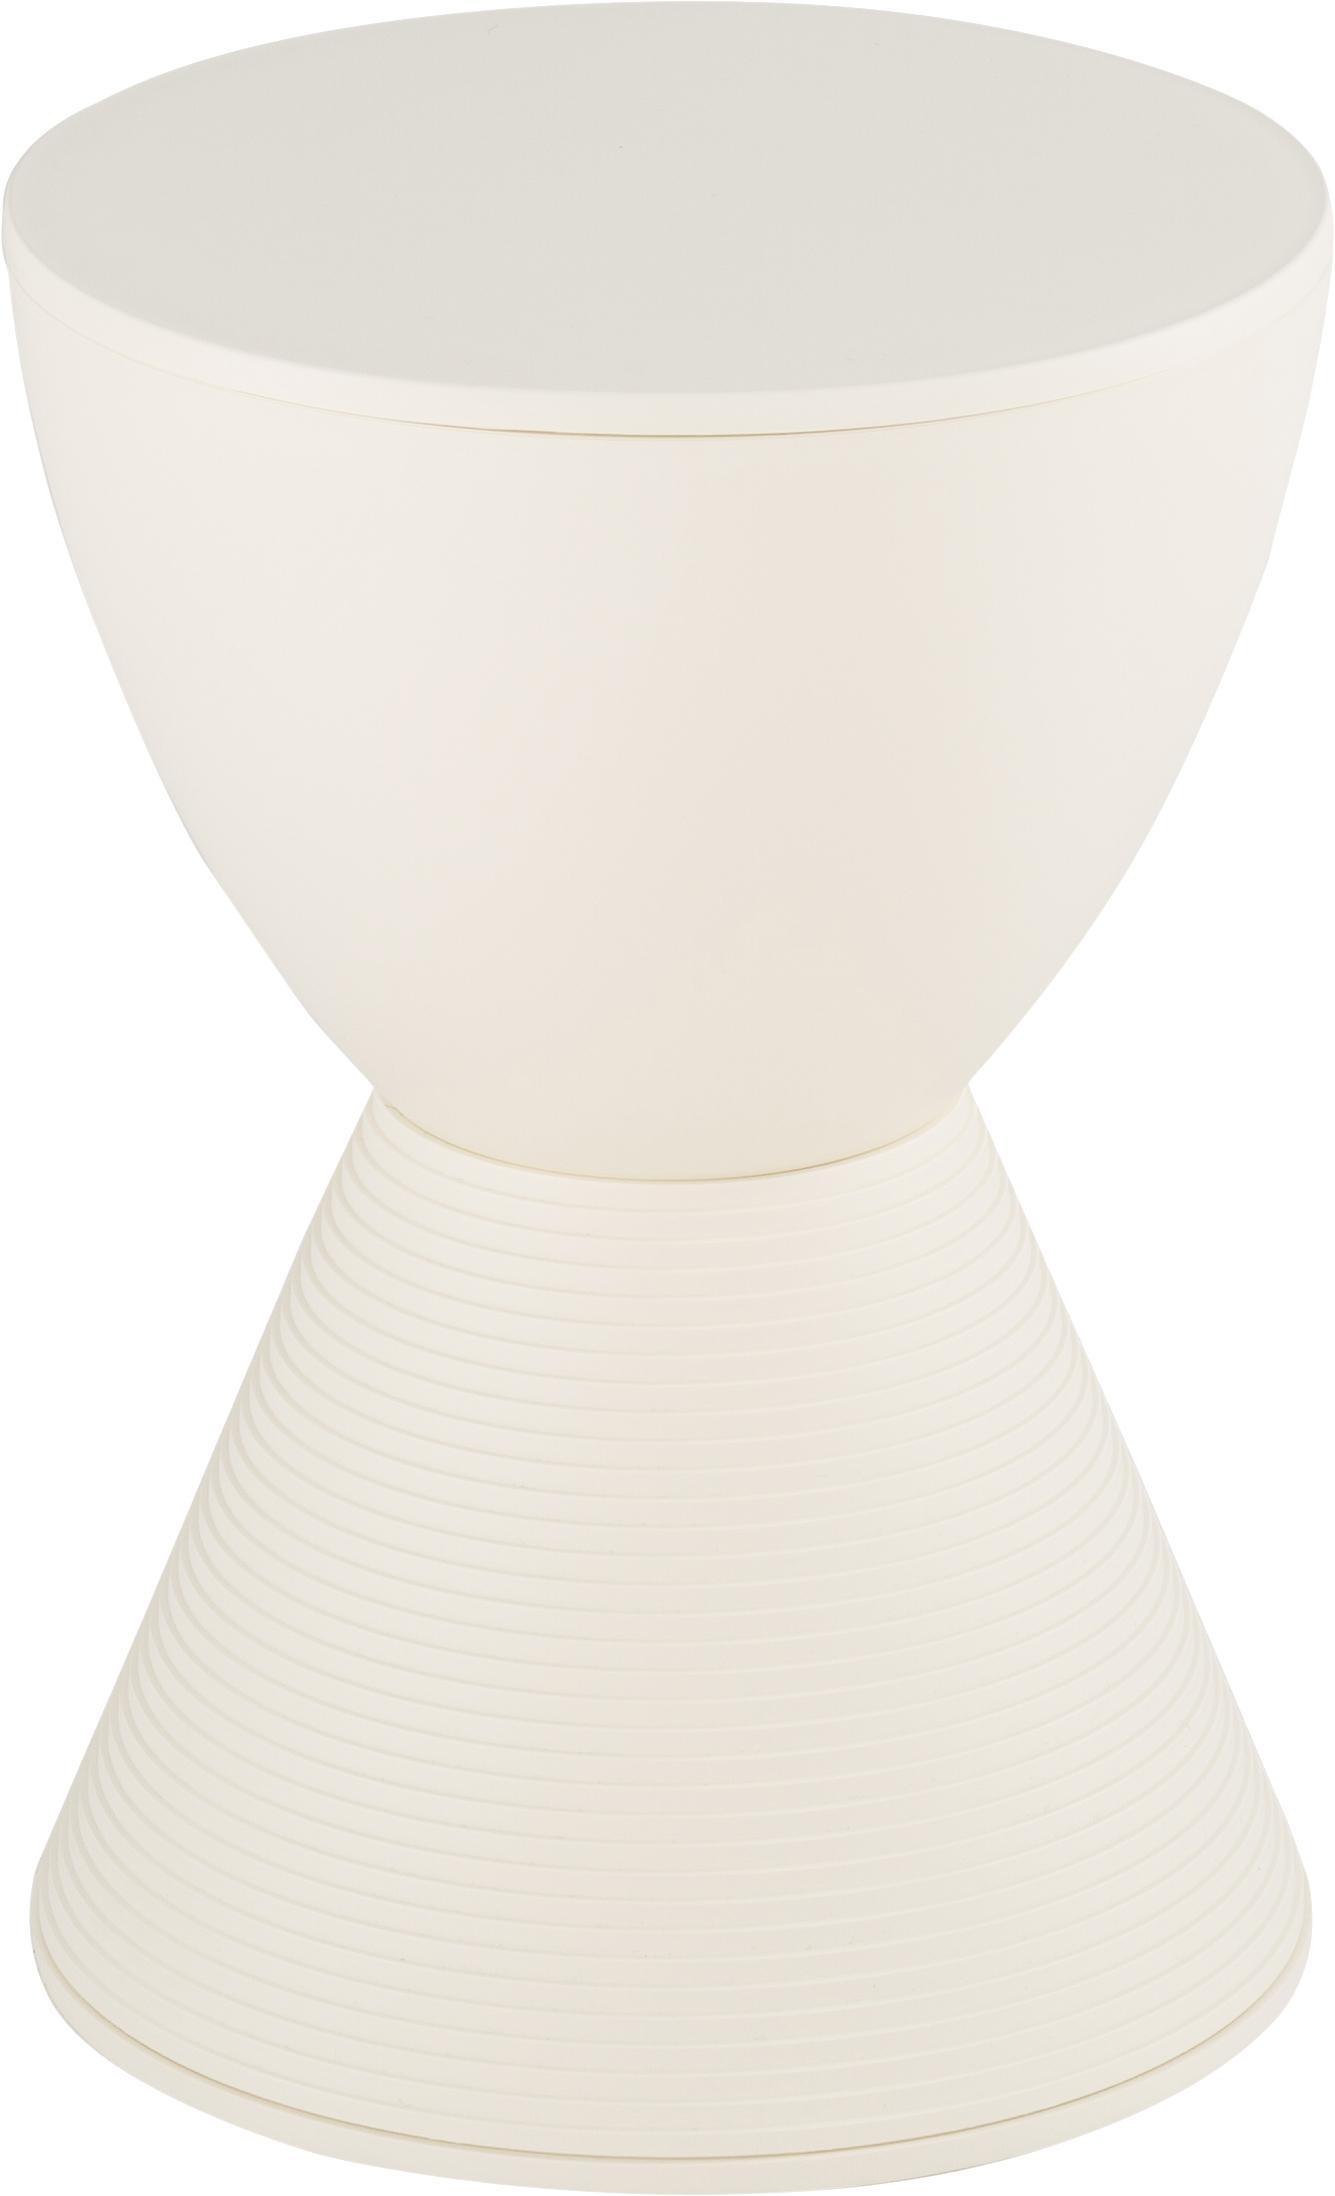 Design Hocker/ Beistelltisch Prince AHA, Durchpigmentiertes Polypropylen, Wachsweiß, Ø 30 x H 43 cm